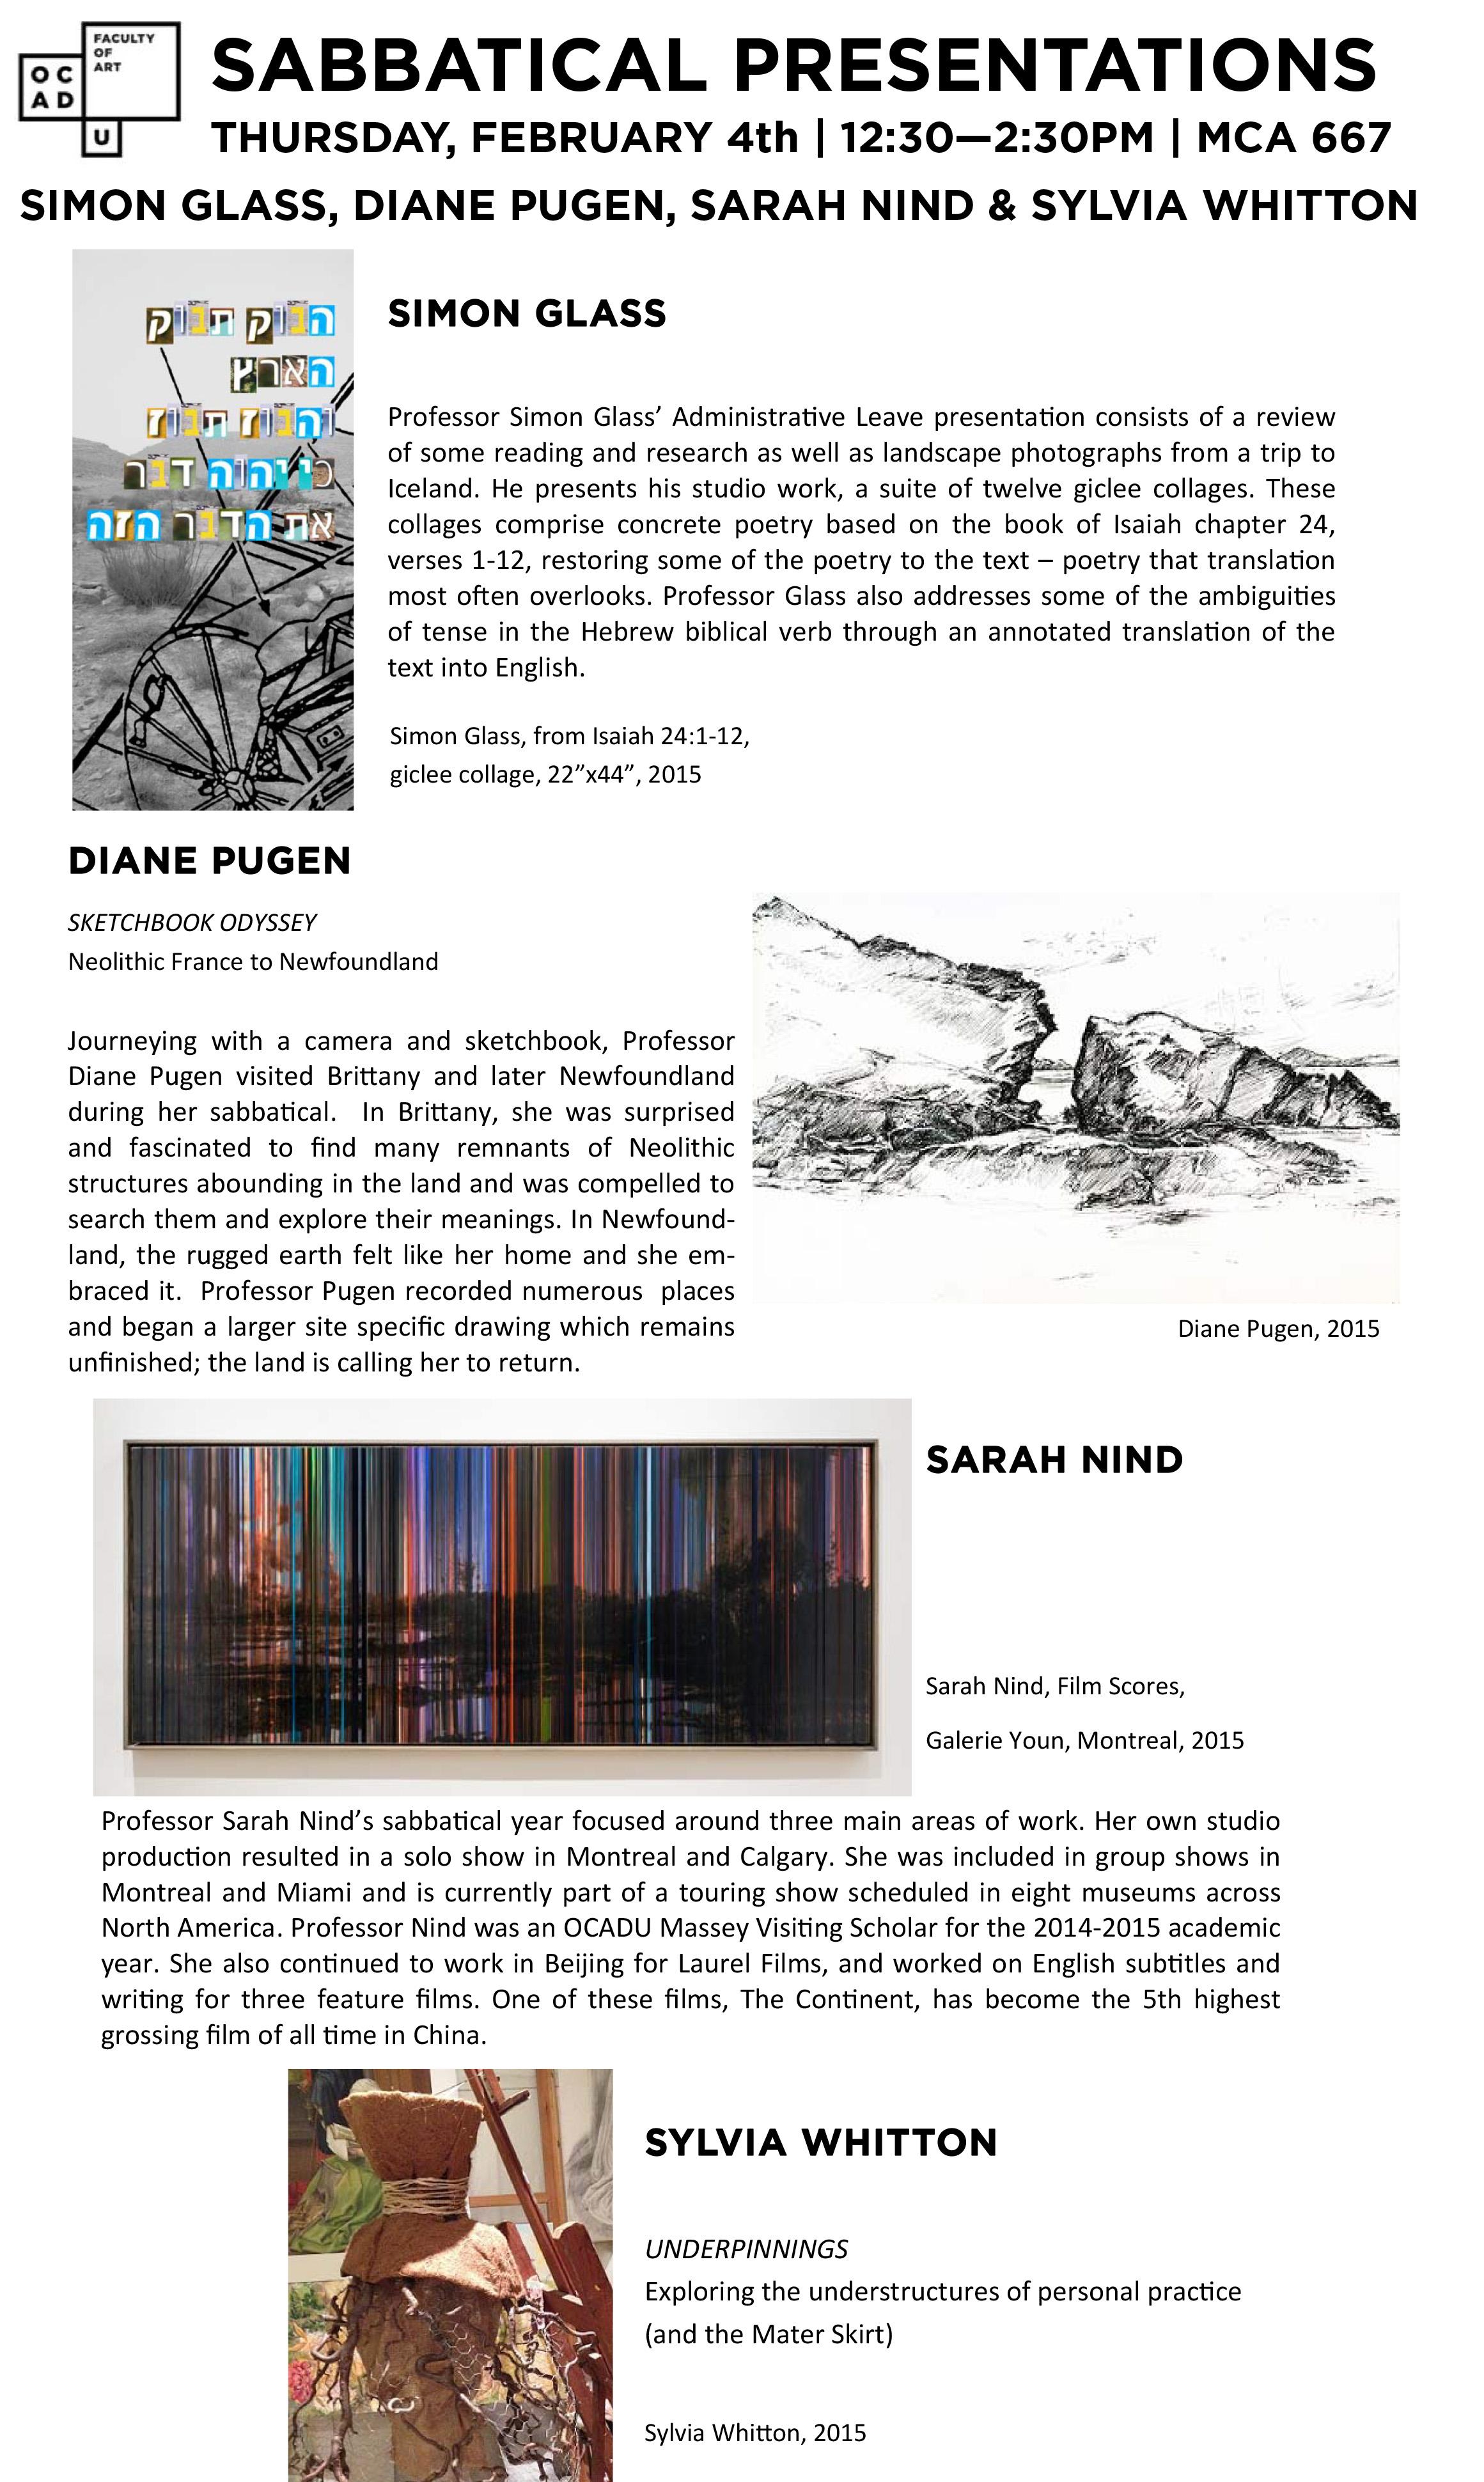 sabbatical presentations 2015-16 - poster.pub